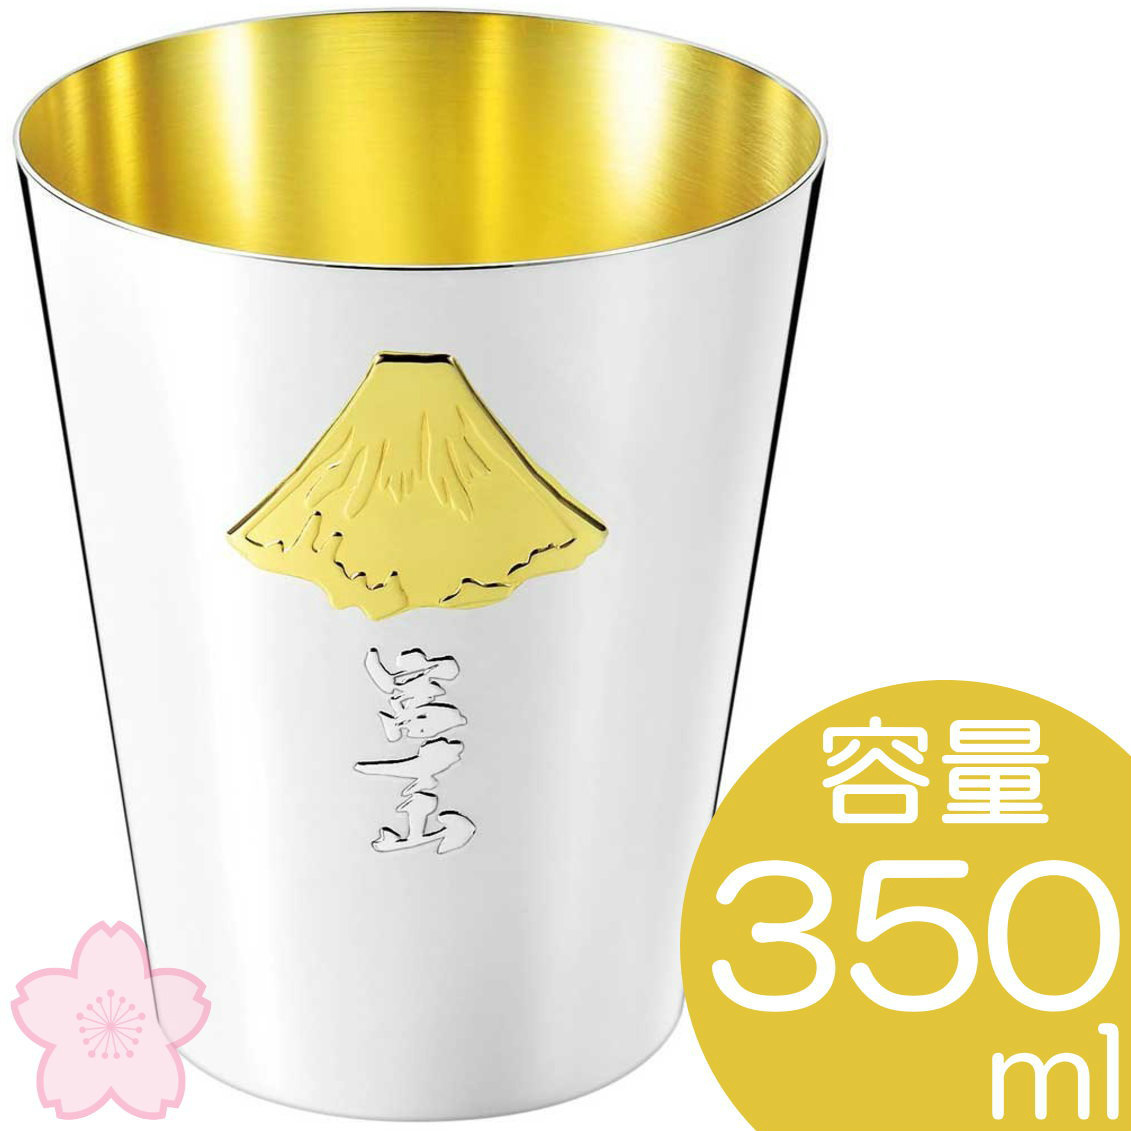 【あす楽】アサヒ 富士山タンブラー 350ml | CNE951FJ | 日本製 | 純銅製タンブラーに金・銀メッキを施した贅沢な逸品